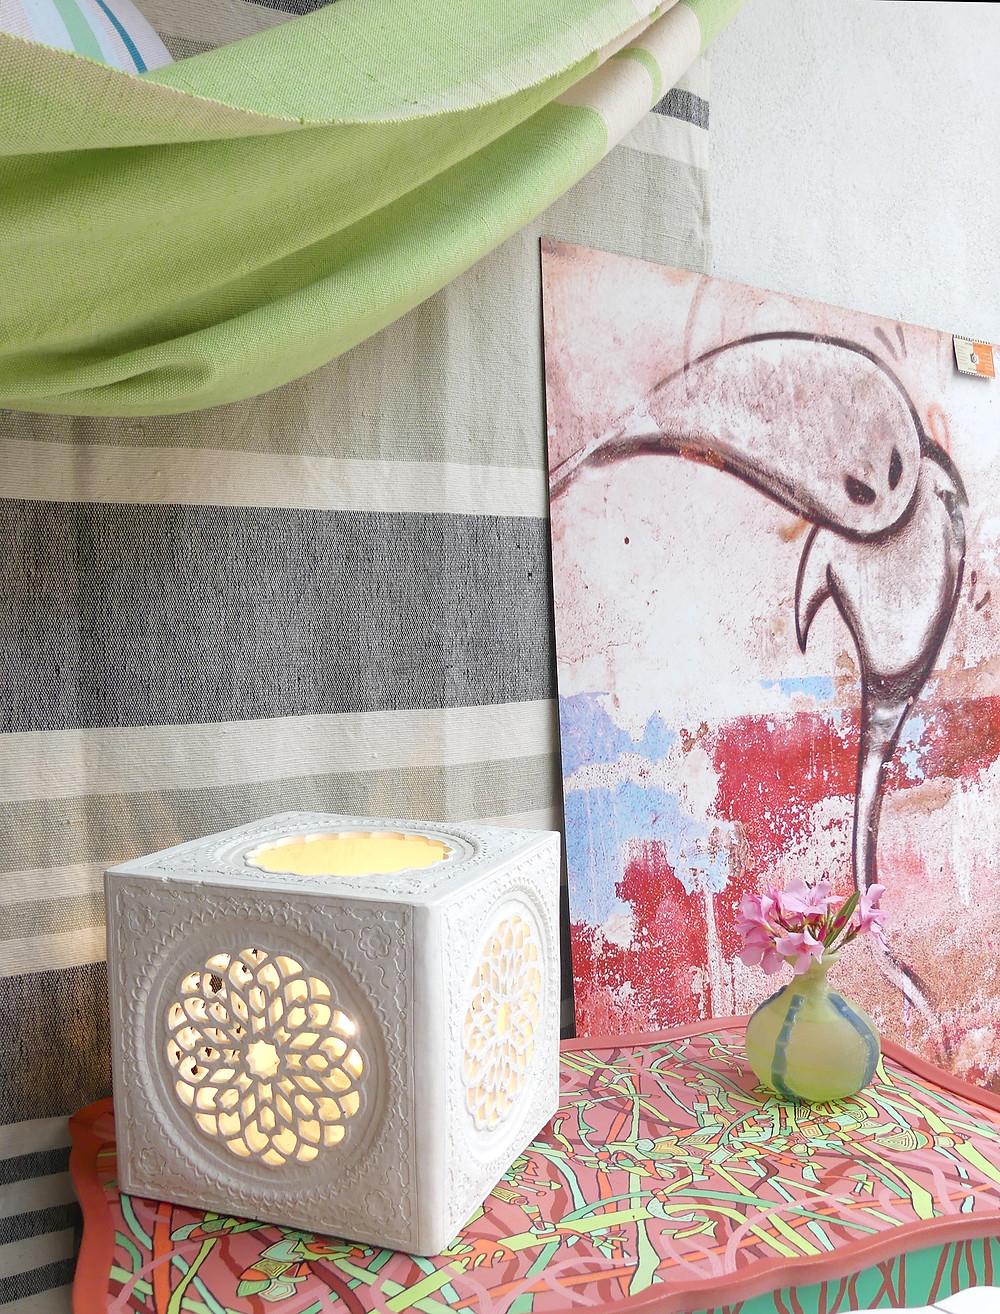 création d'ambiance avec l'art et l'artisanat originaire d'Elne